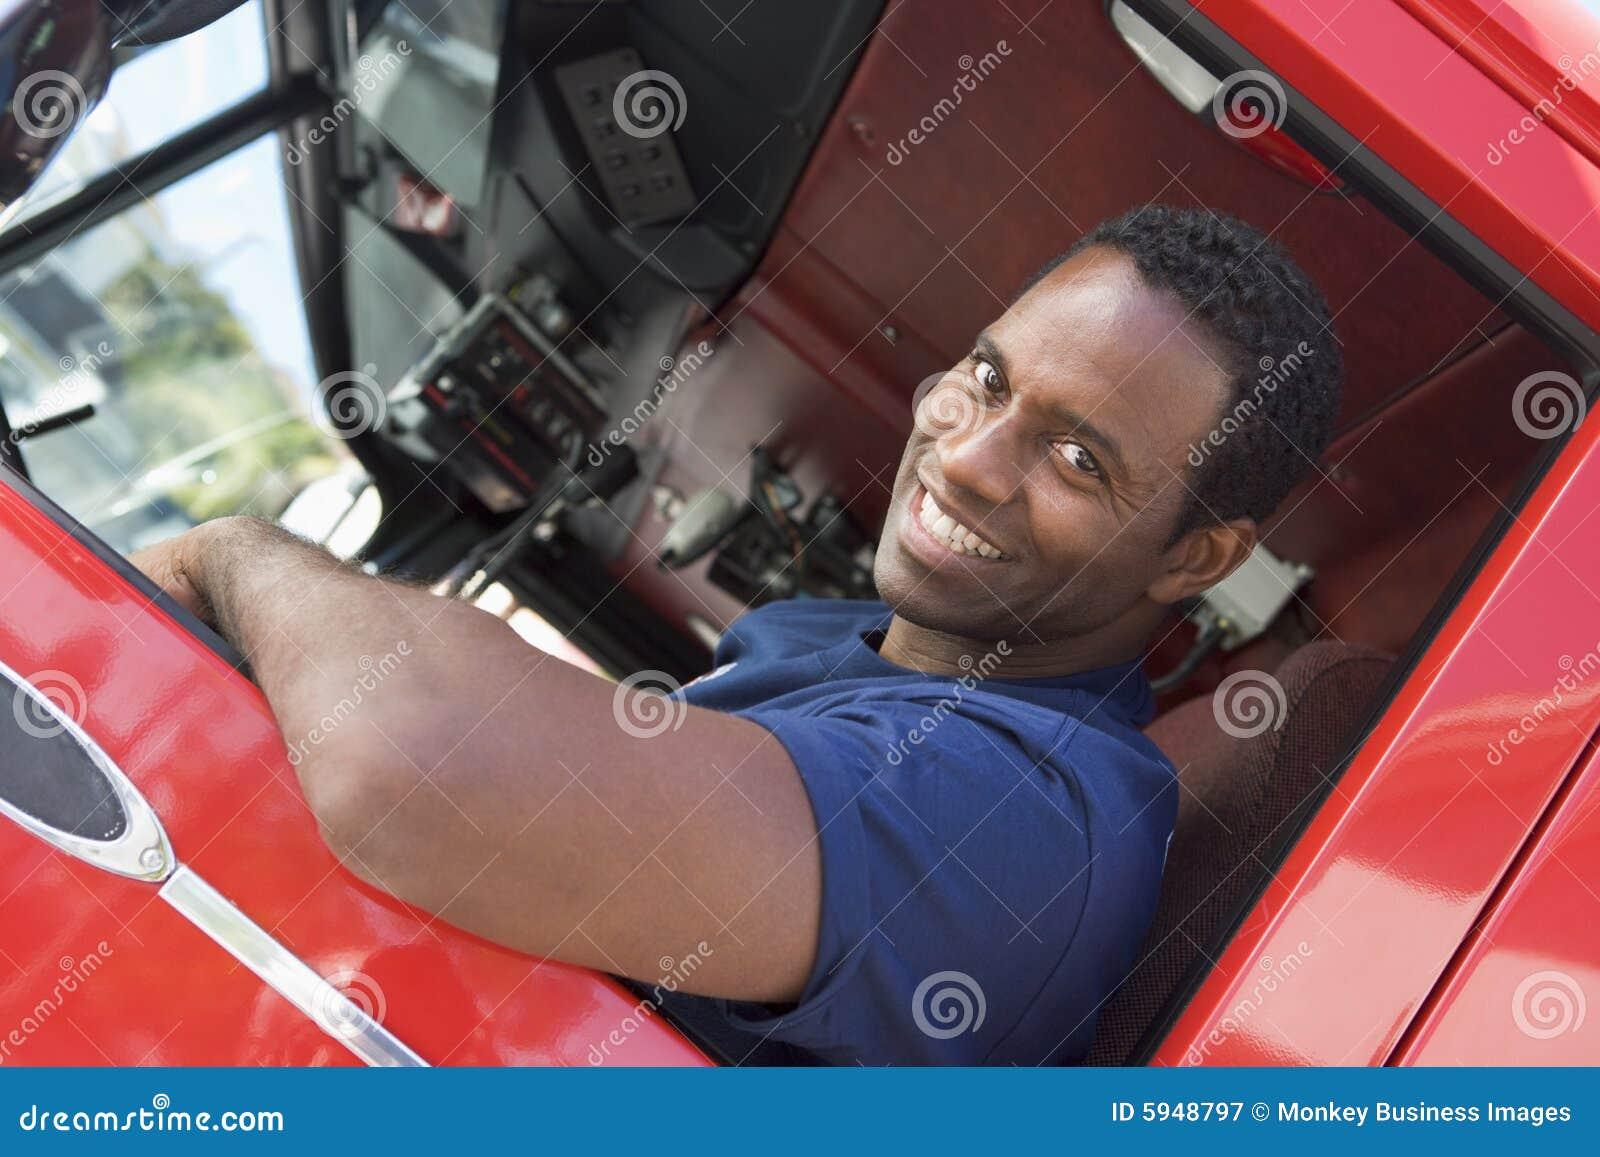 Seduta del pompiere del fuoco di motore della carrozza for Prezzi del garage della carrozza